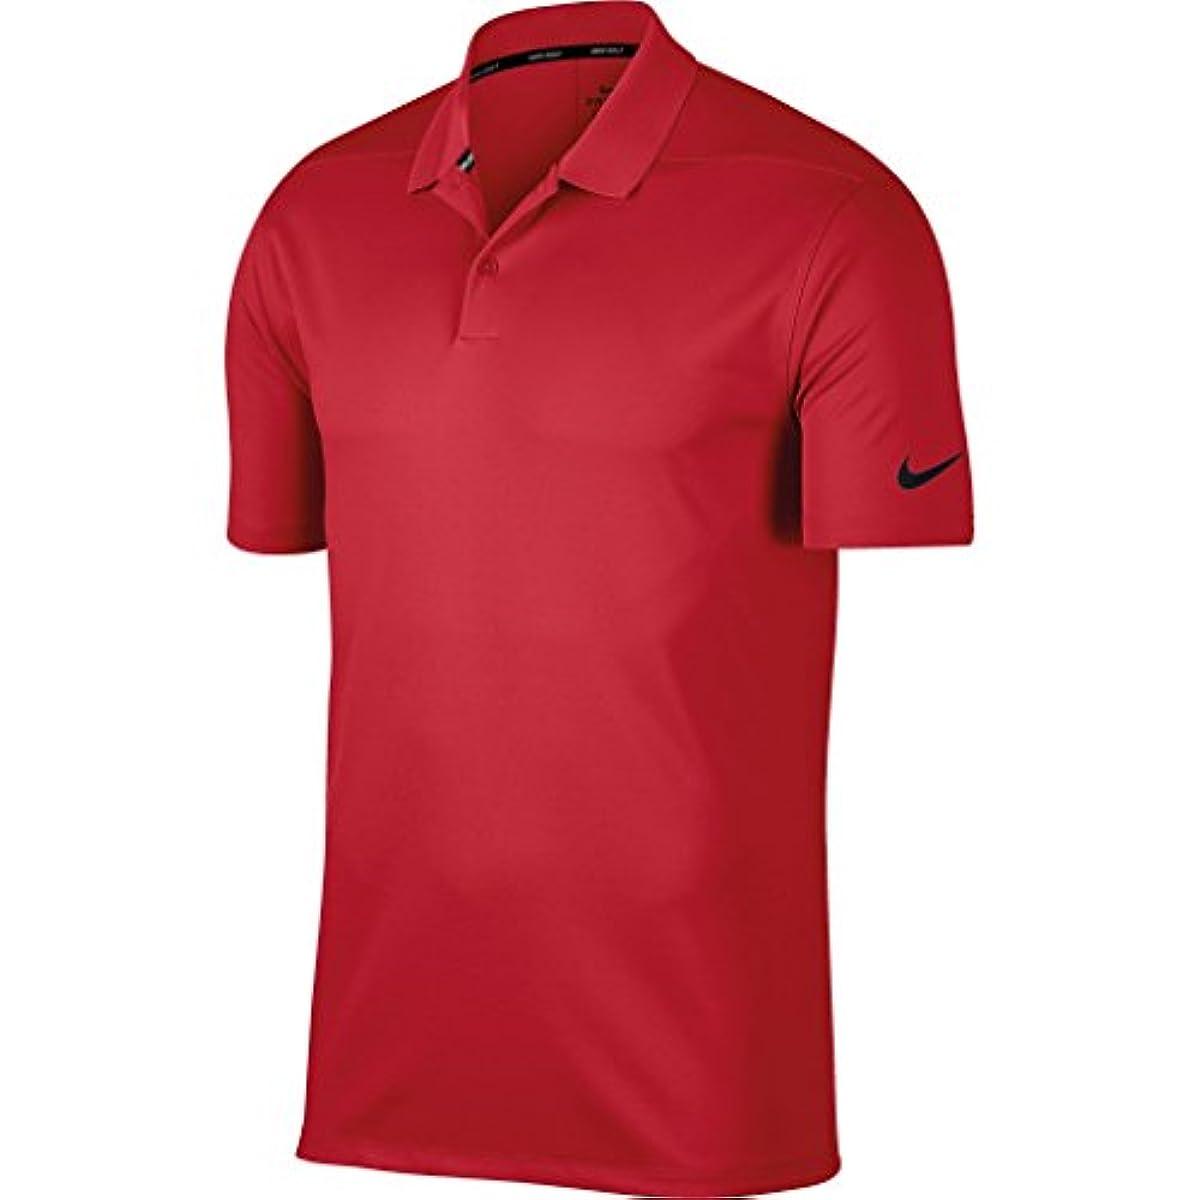 [해외] (나이키) NIKE 맨즈 빅토리 폴로 셔츠 고정 반소매 골프 탑 스포츠 웨어